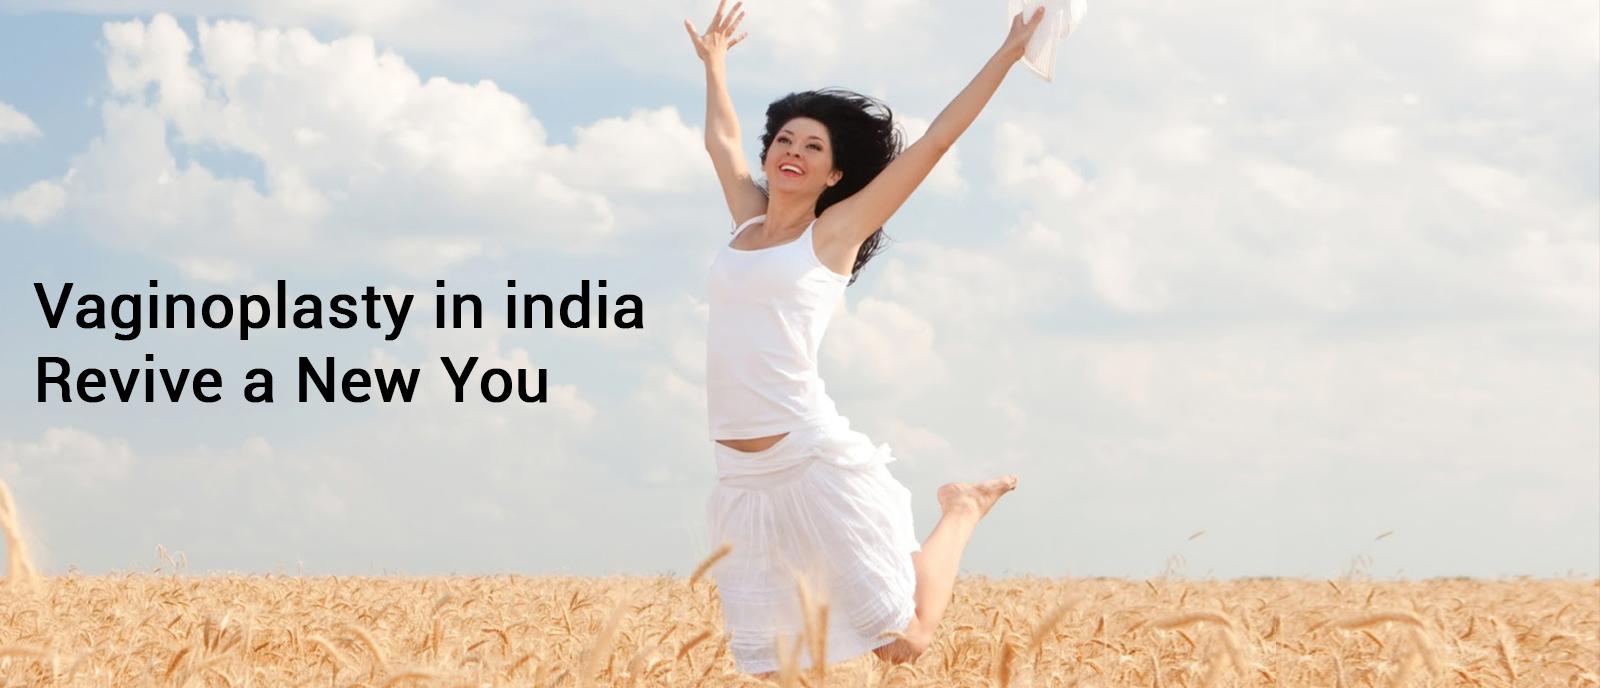 Vaginoplasty in India